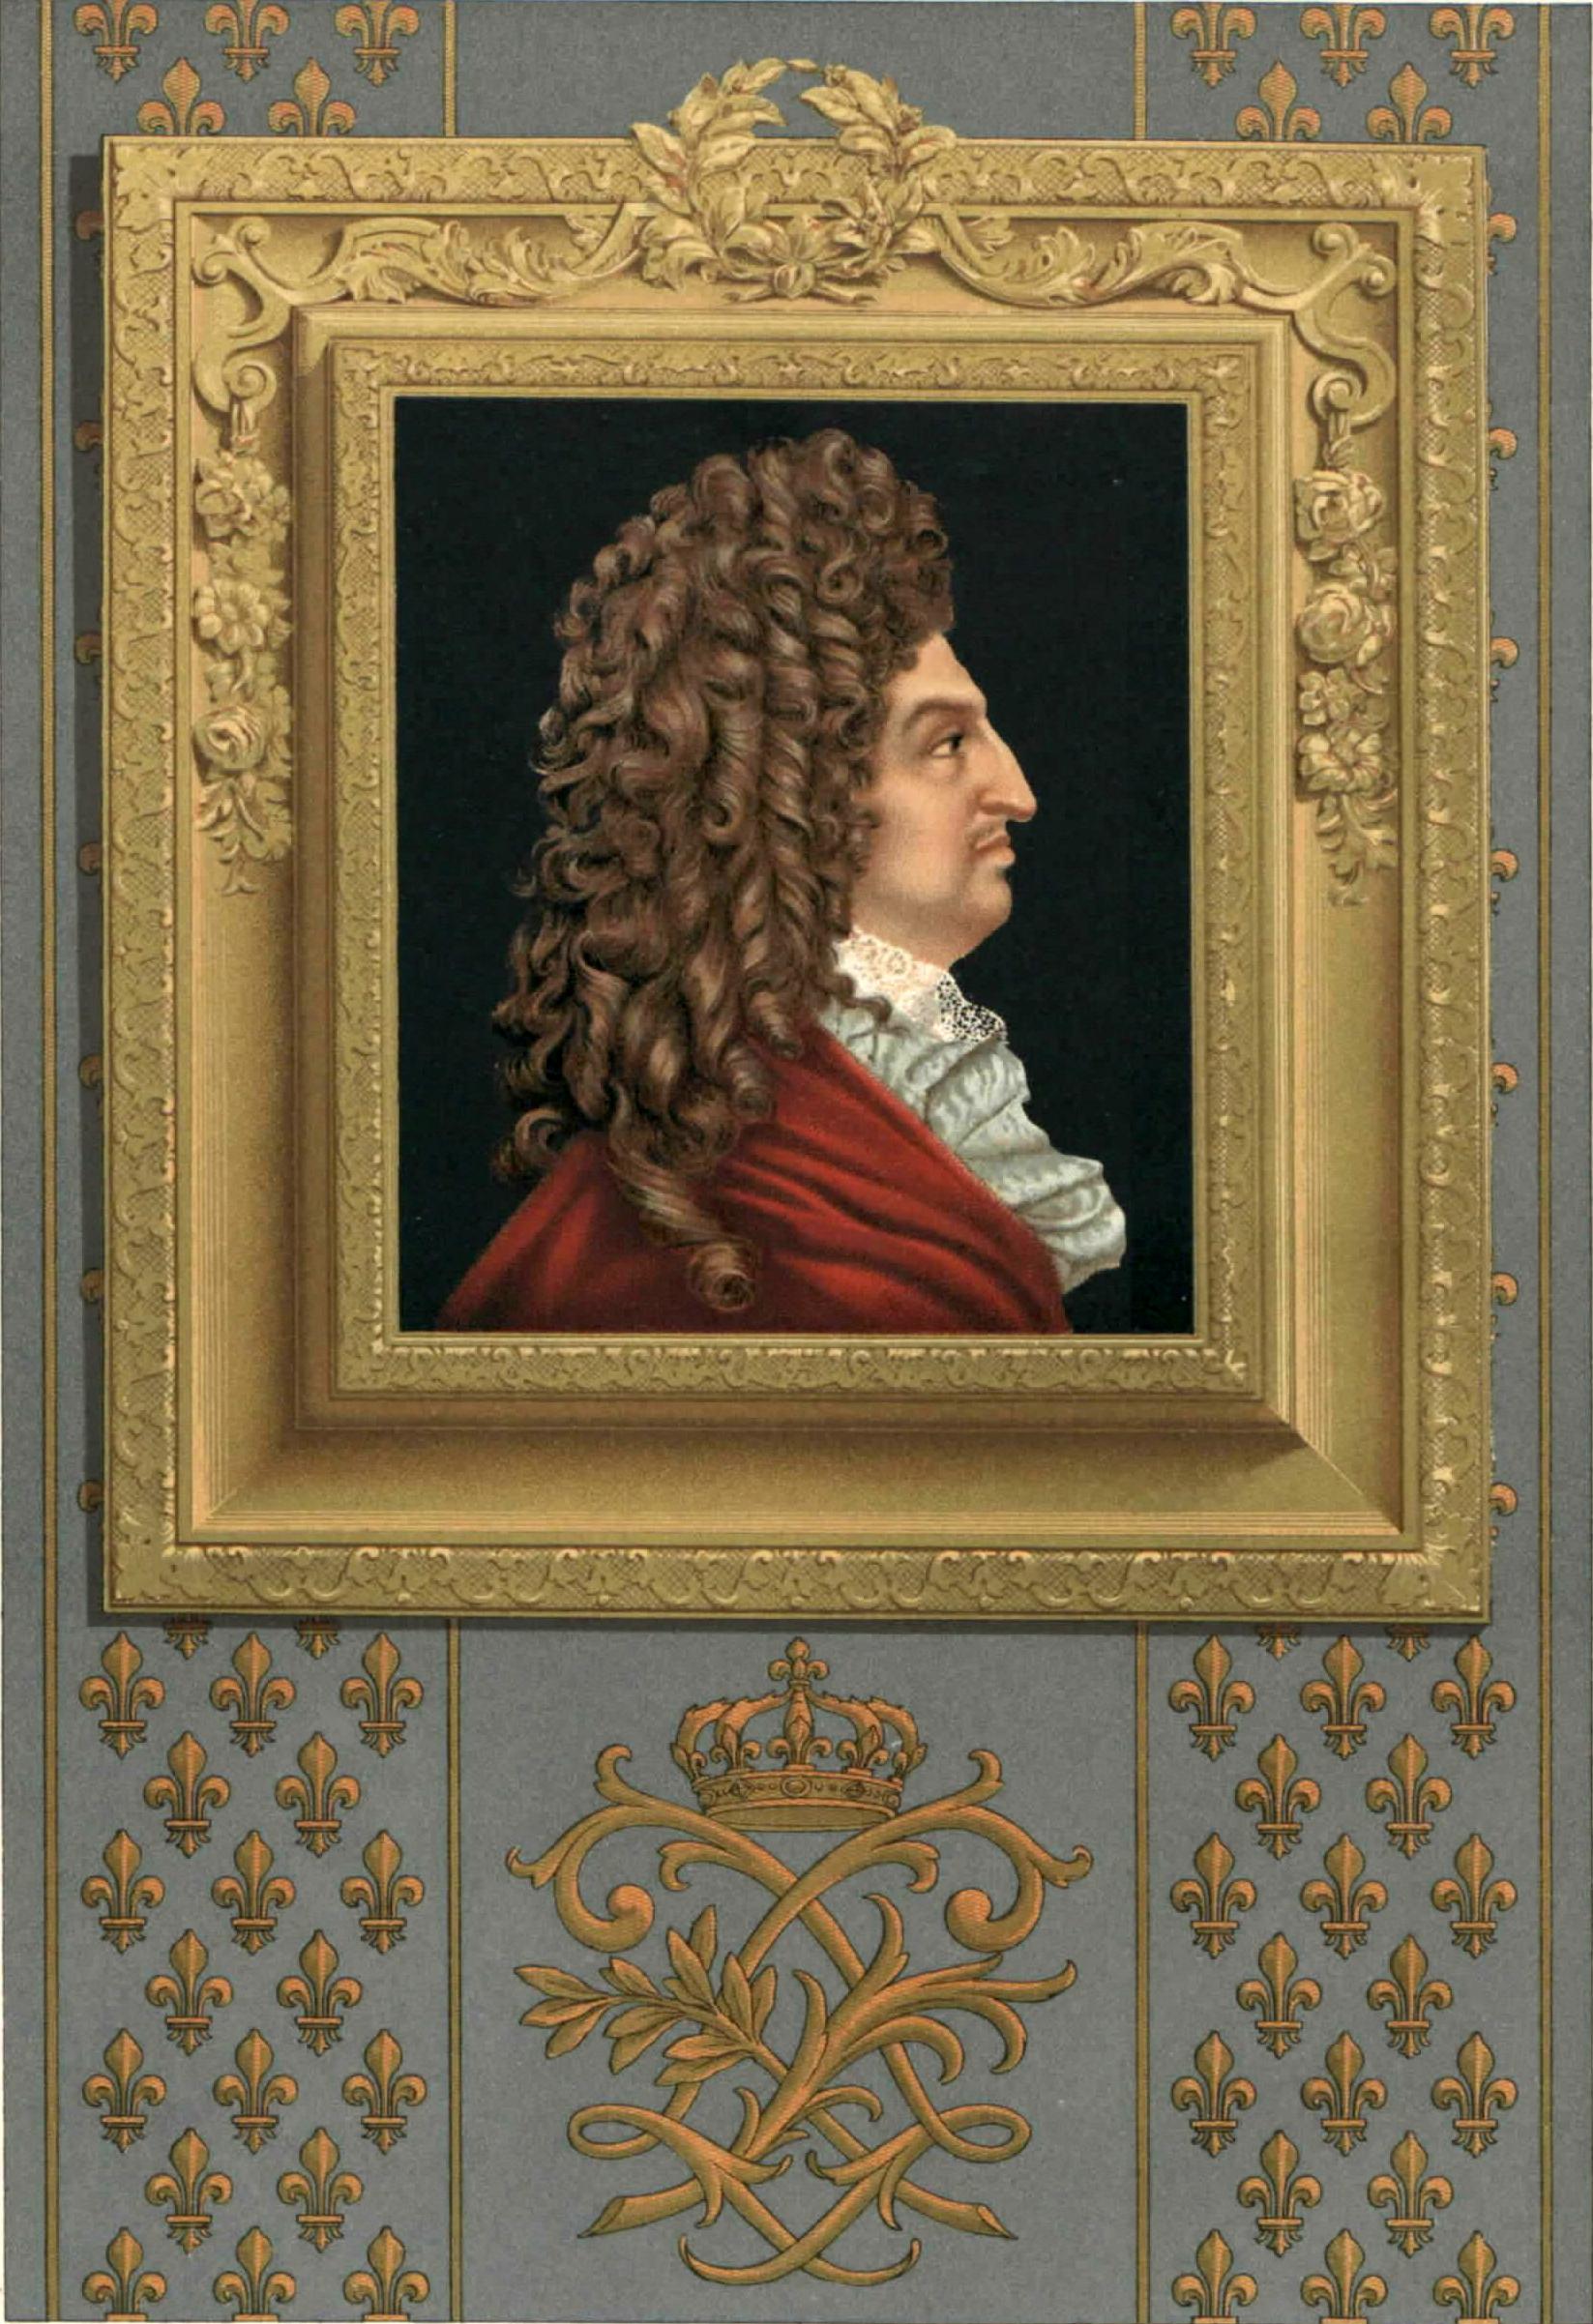 http://upload.wikimedia.org/wikipedia/commons/c/cb/Louis_XIV_en_1706_par_Antoine_Benoist.jpg